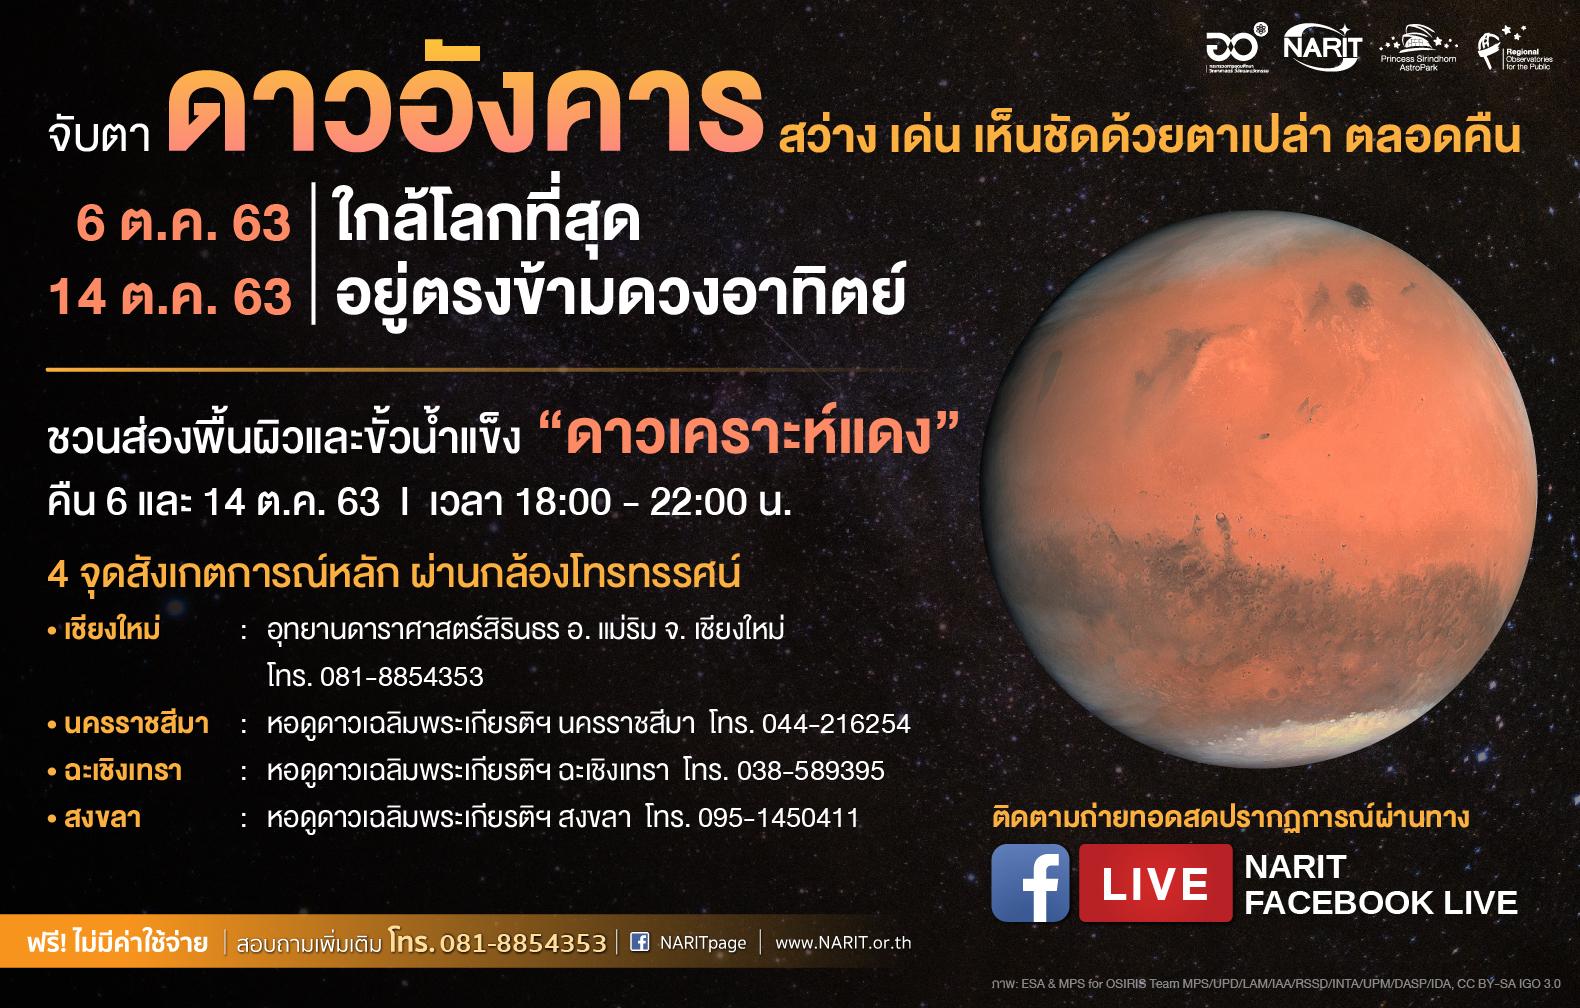 """เลขสวย! 6 และ 14 ตุลาคมนี้ ชวนจับตา """"ดาวอังคารใกล้โลกและอยู่ตรงข้ามดวงอาทิตย์"""""""